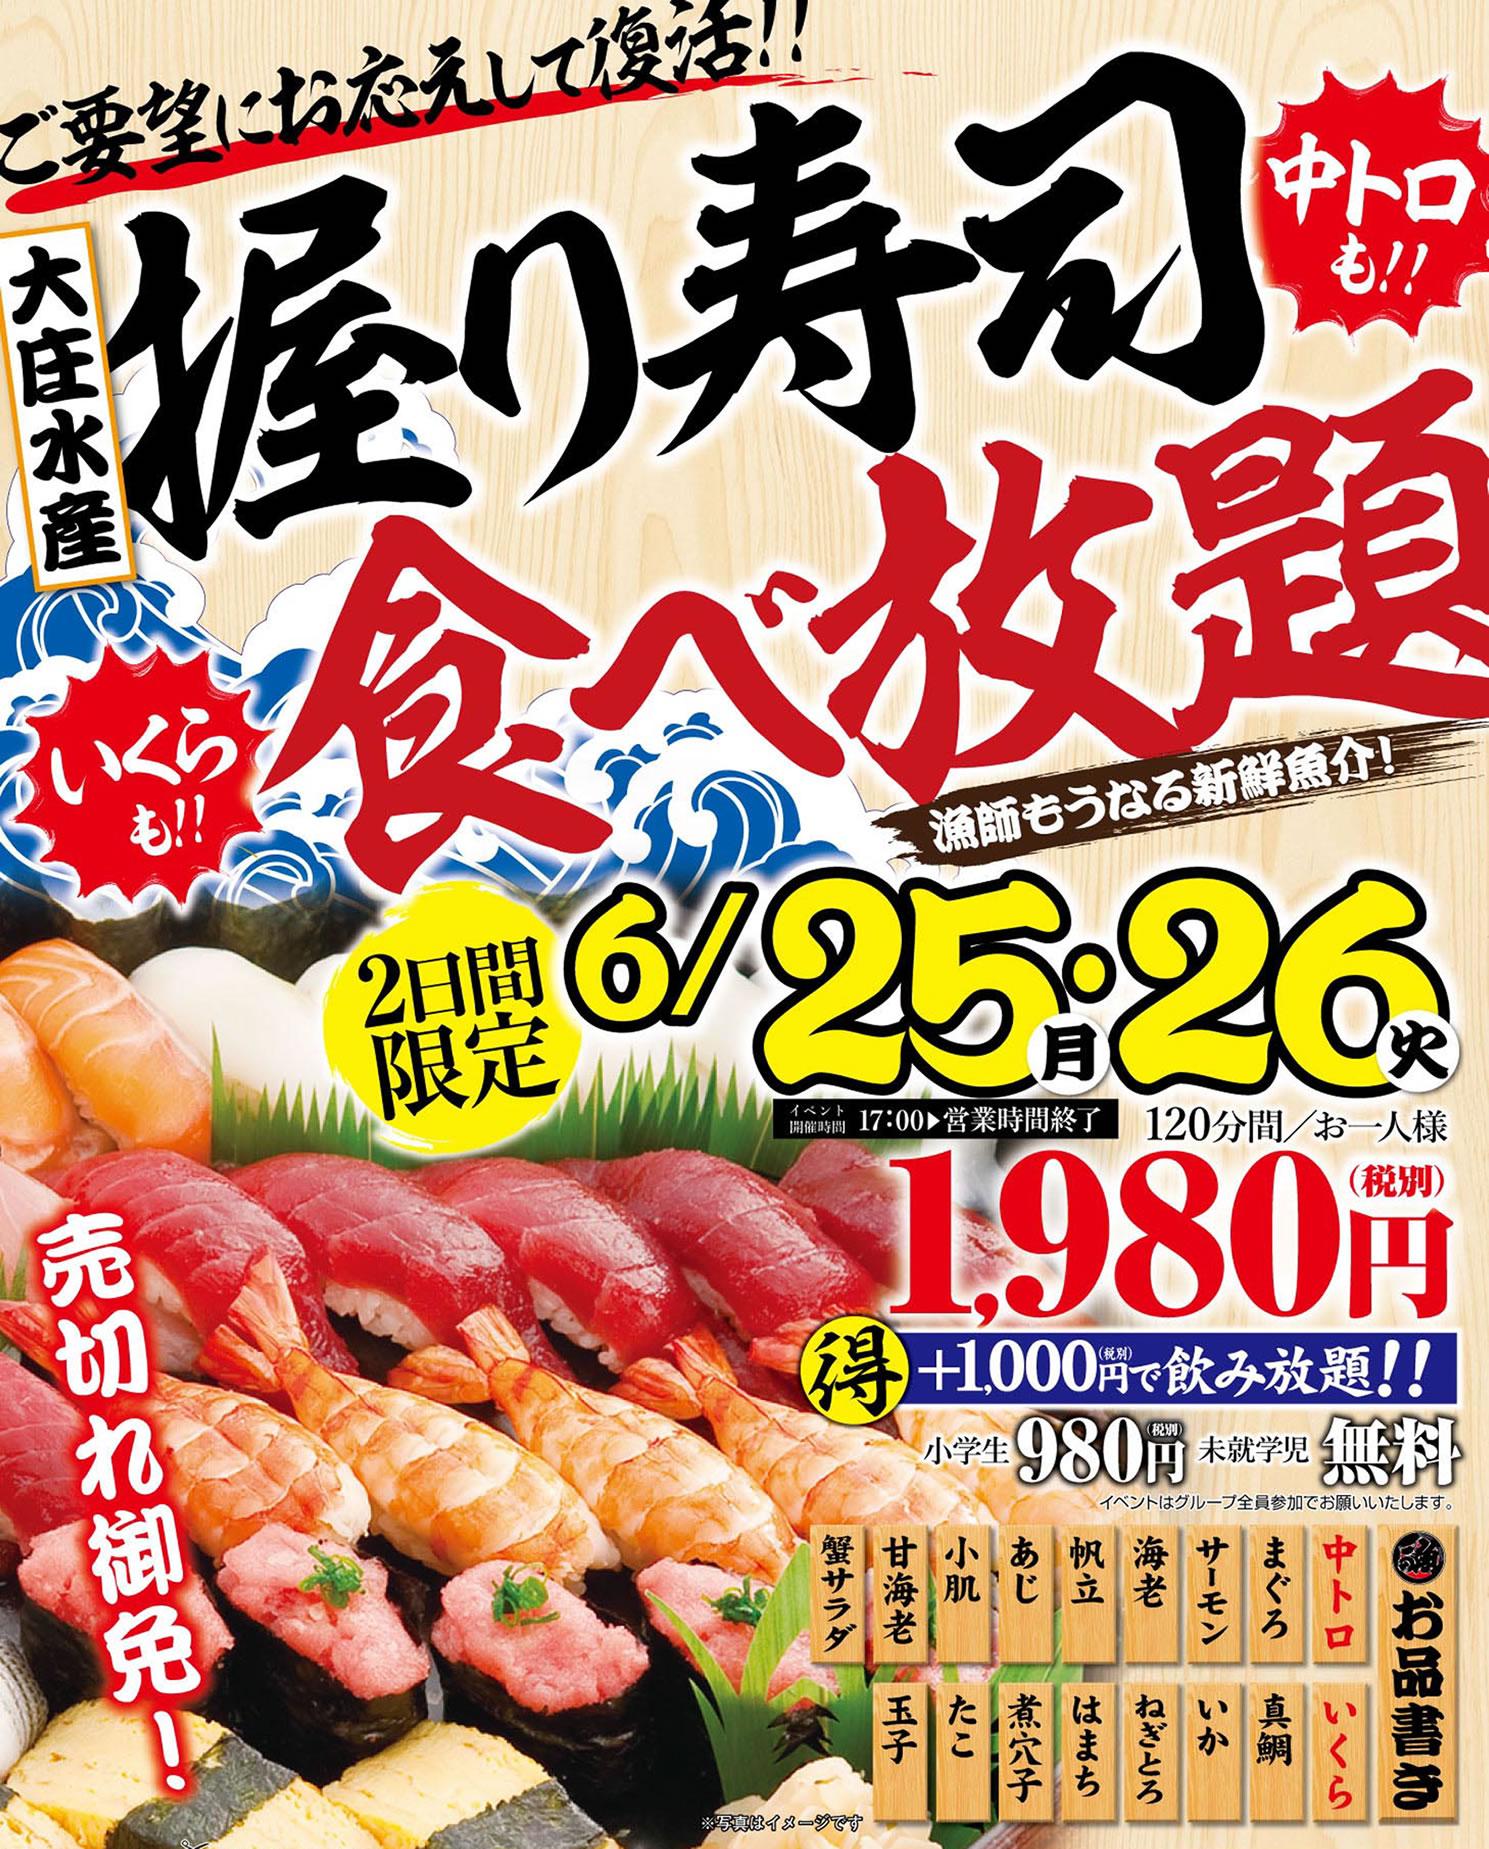 【大庄水産】★握り寿司食べ放題*6月25日(月)・26日(火)!★